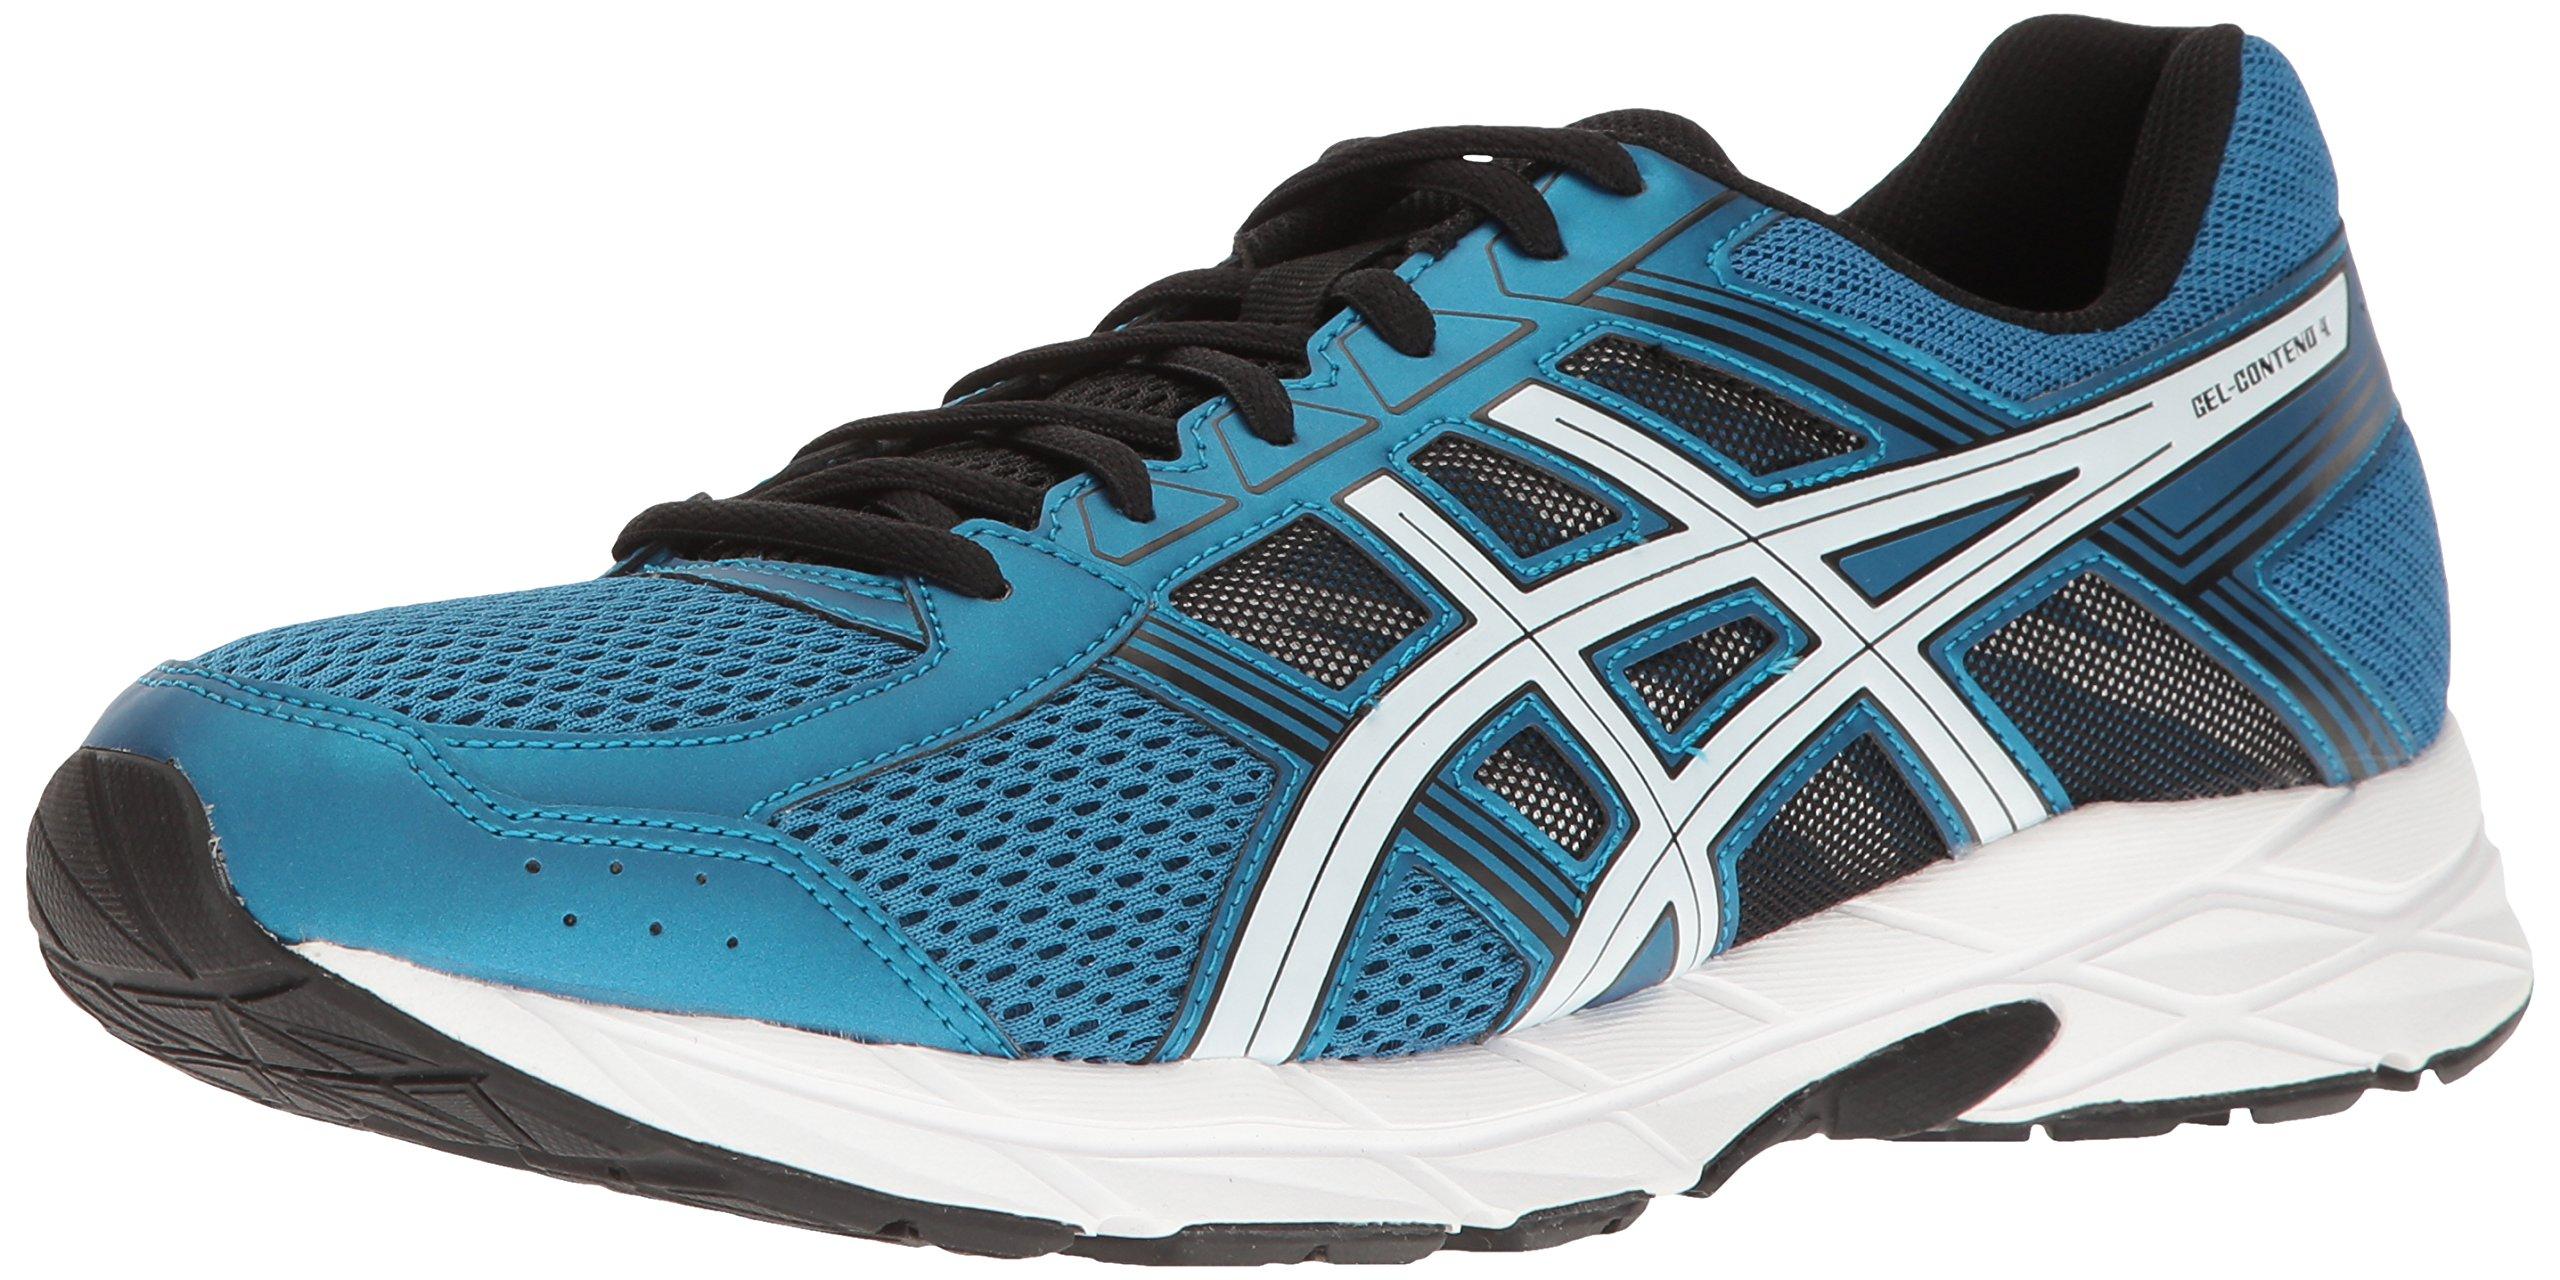 ASICS Men's Gel-Contend 4 Running Shoe, Thunder Blue/White/Black, 8 M US